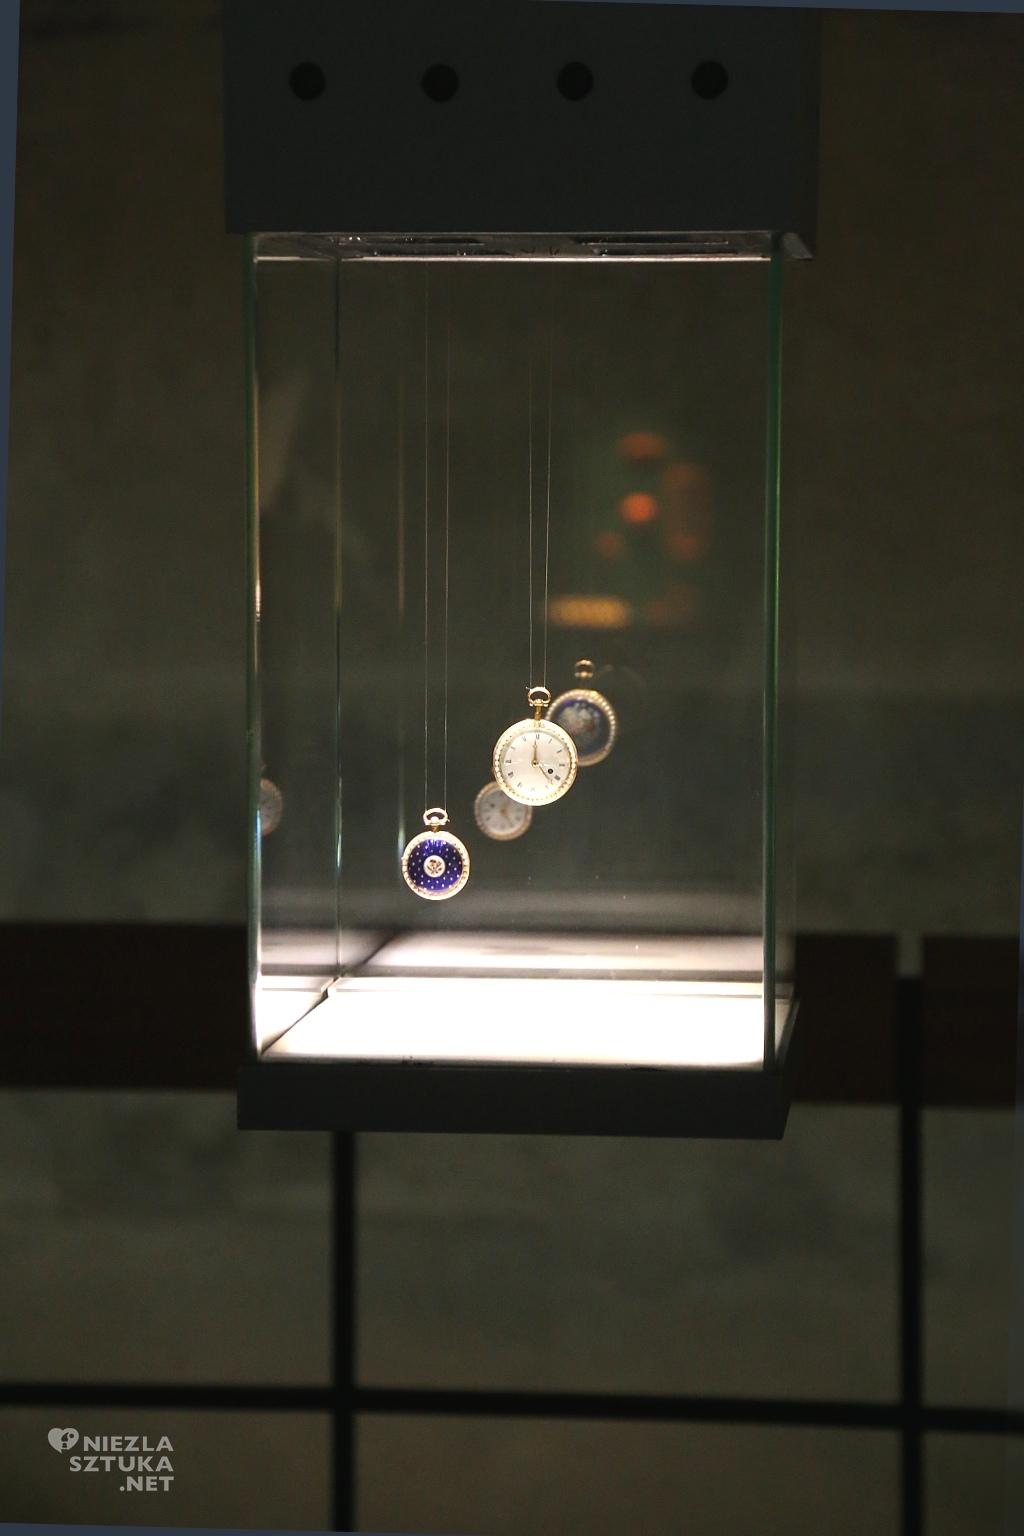 Austria, Salzburg, para zegarków kieszonkowych, Xaver Schwer. Materiały: srebro, granat, złocony mosiądz, emalia, skorupa żółwia